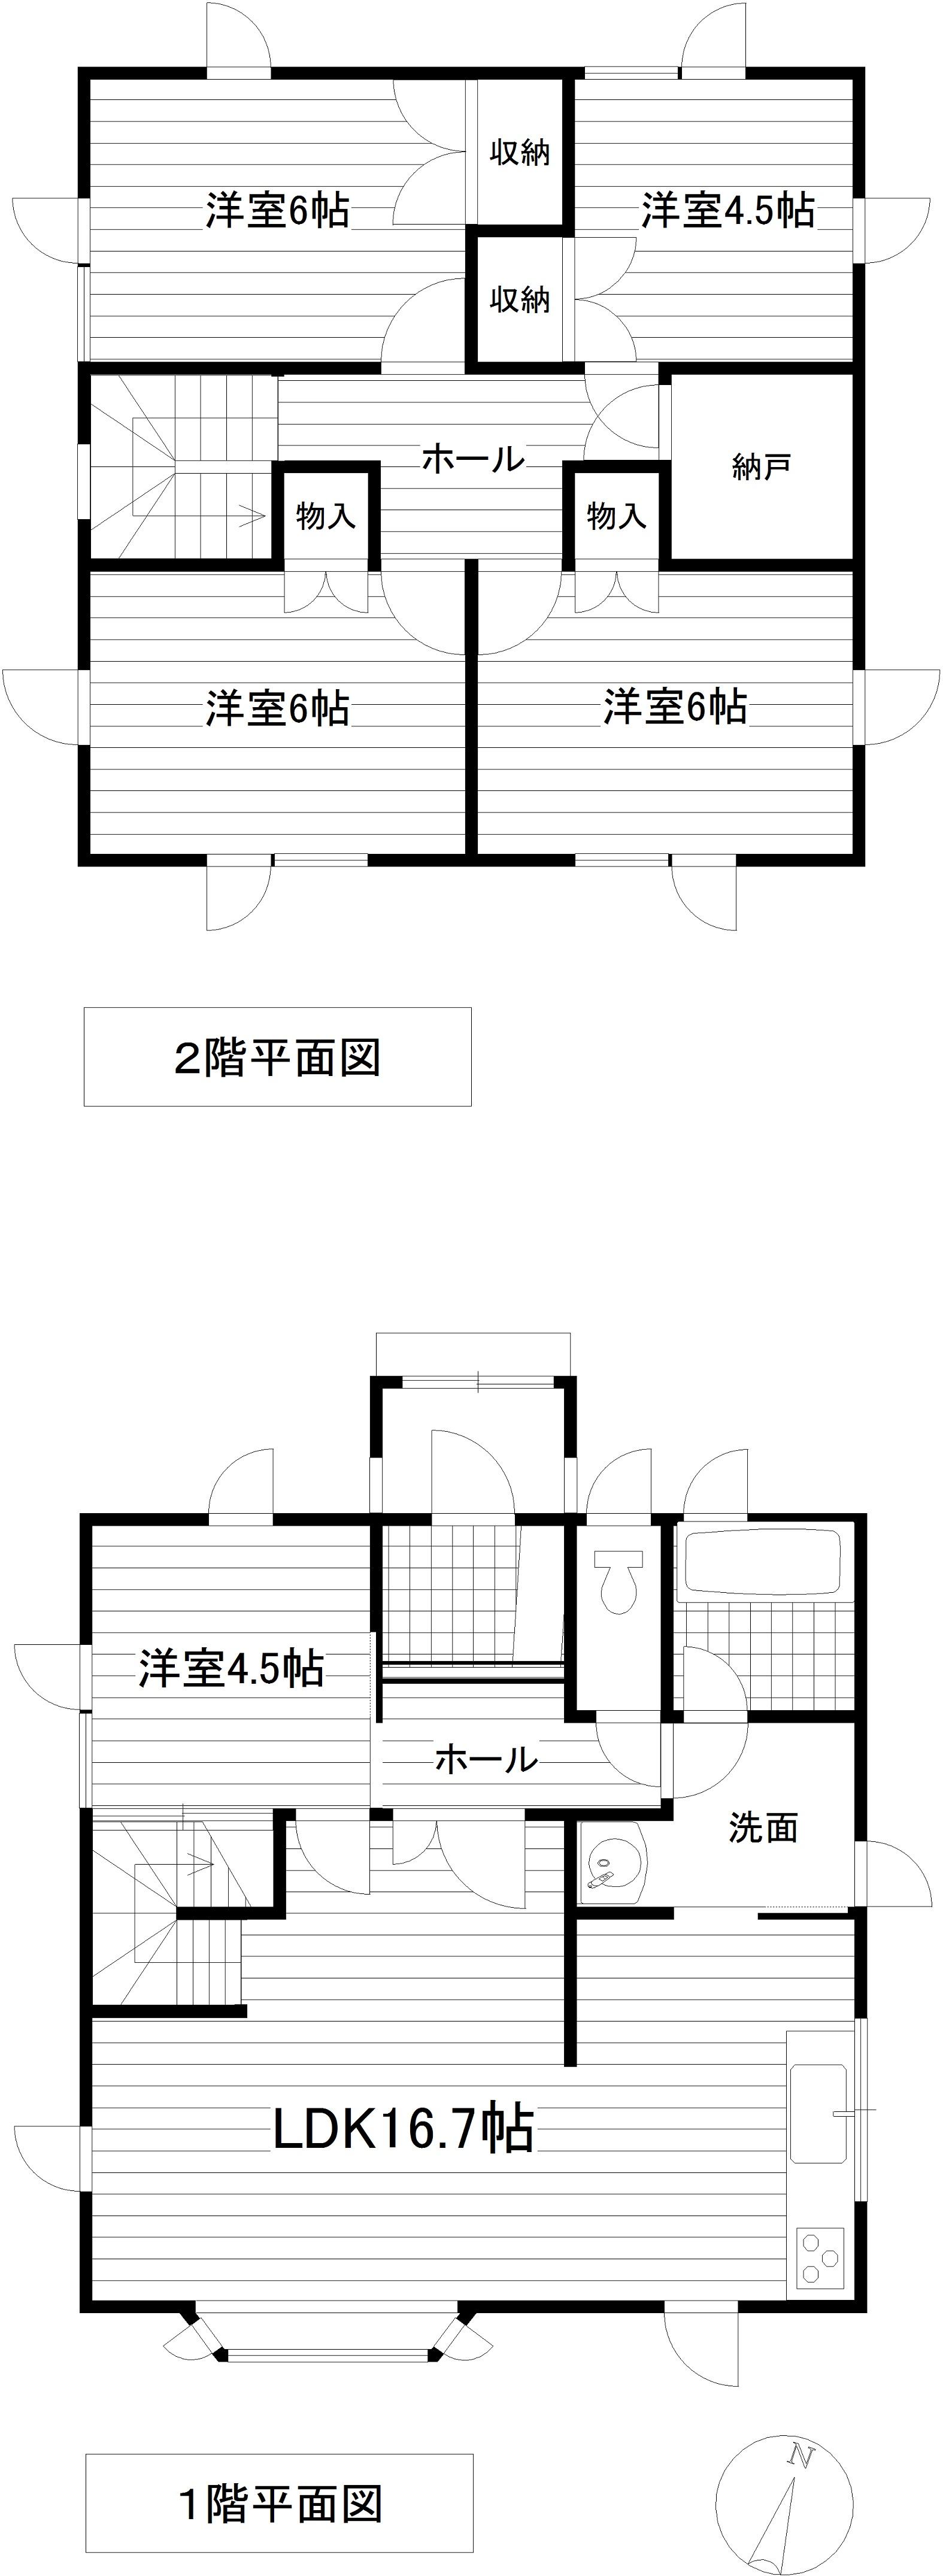 ツーバイフォー住宅、5LDK、土地67坪